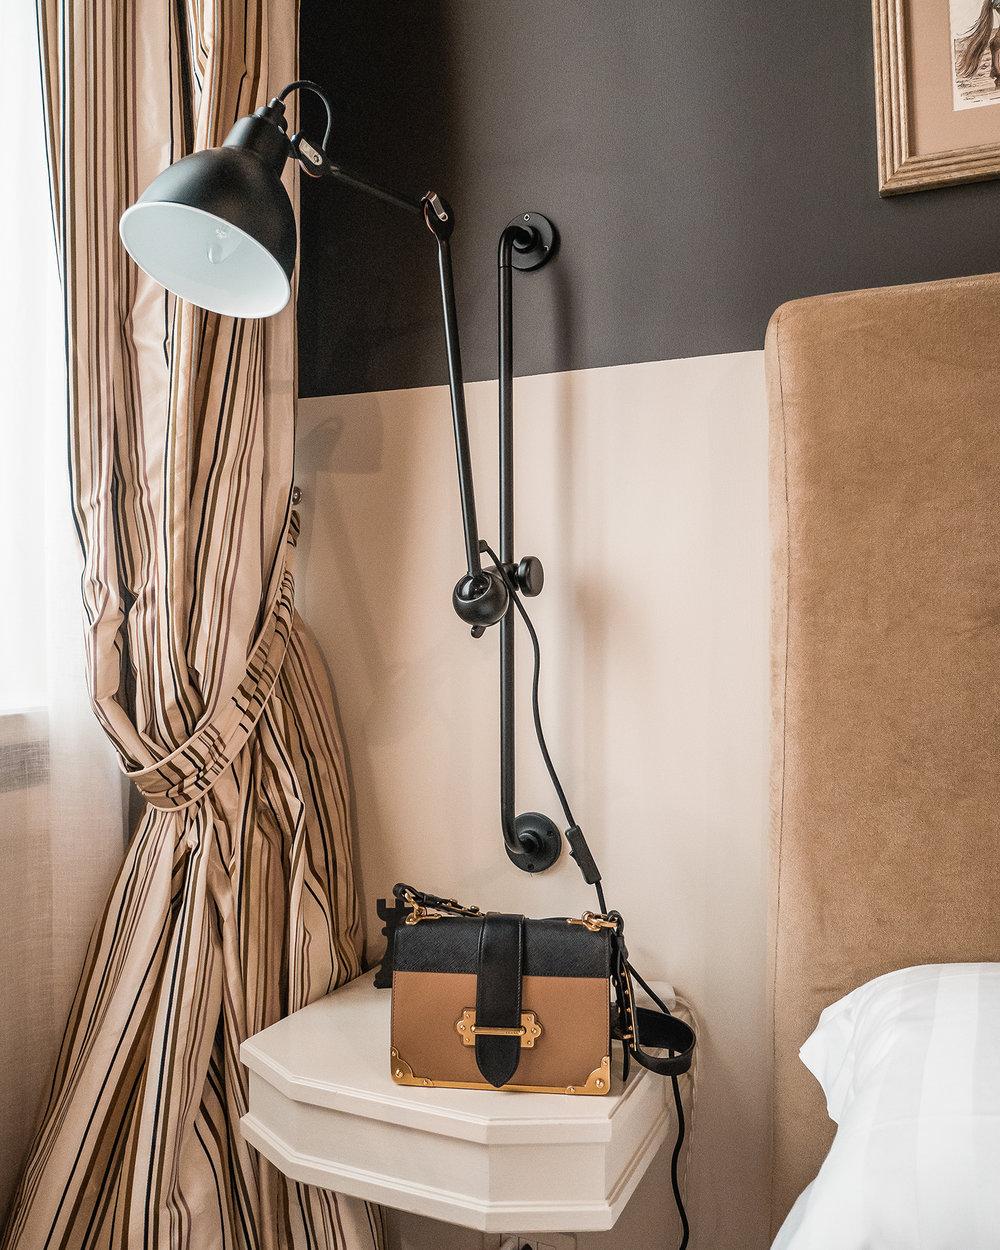 Designer lamp and Prada Bag at Crossing Condotti